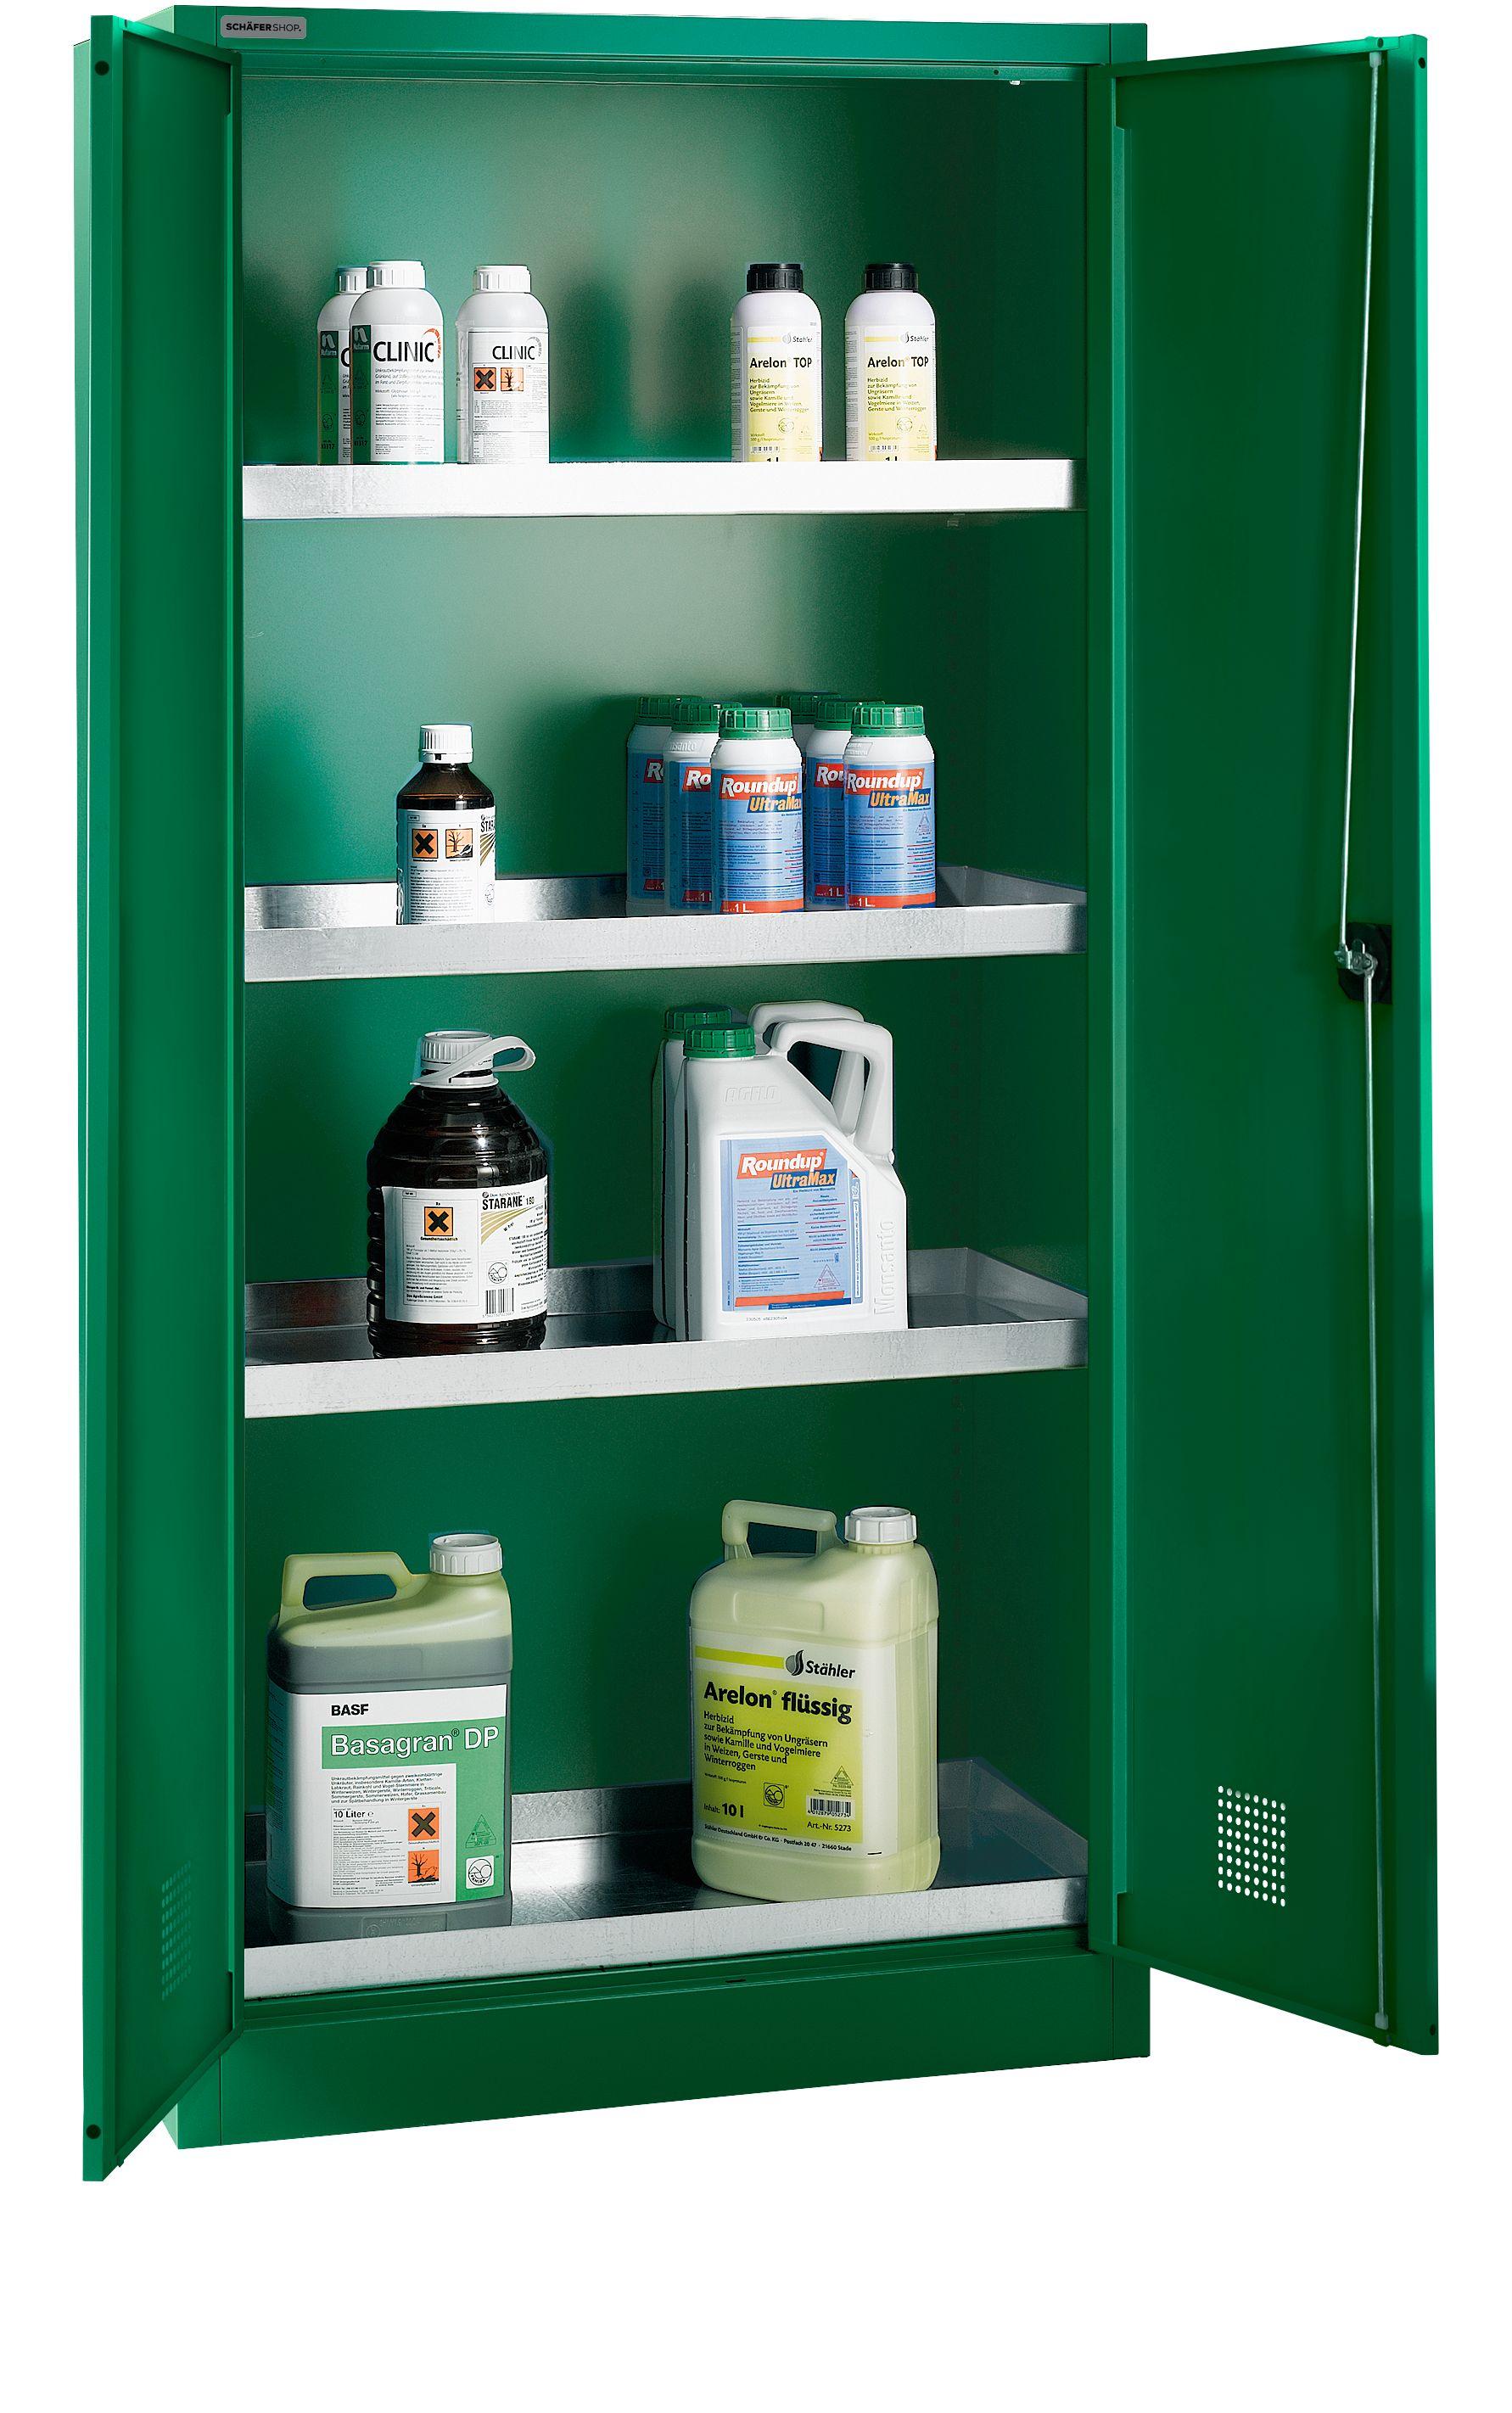 pflanzenschutzmittel und chemikalienschrank g nstig kaufen sch fer shop. Black Bedroom Furniture Sets. Home Design Ideas